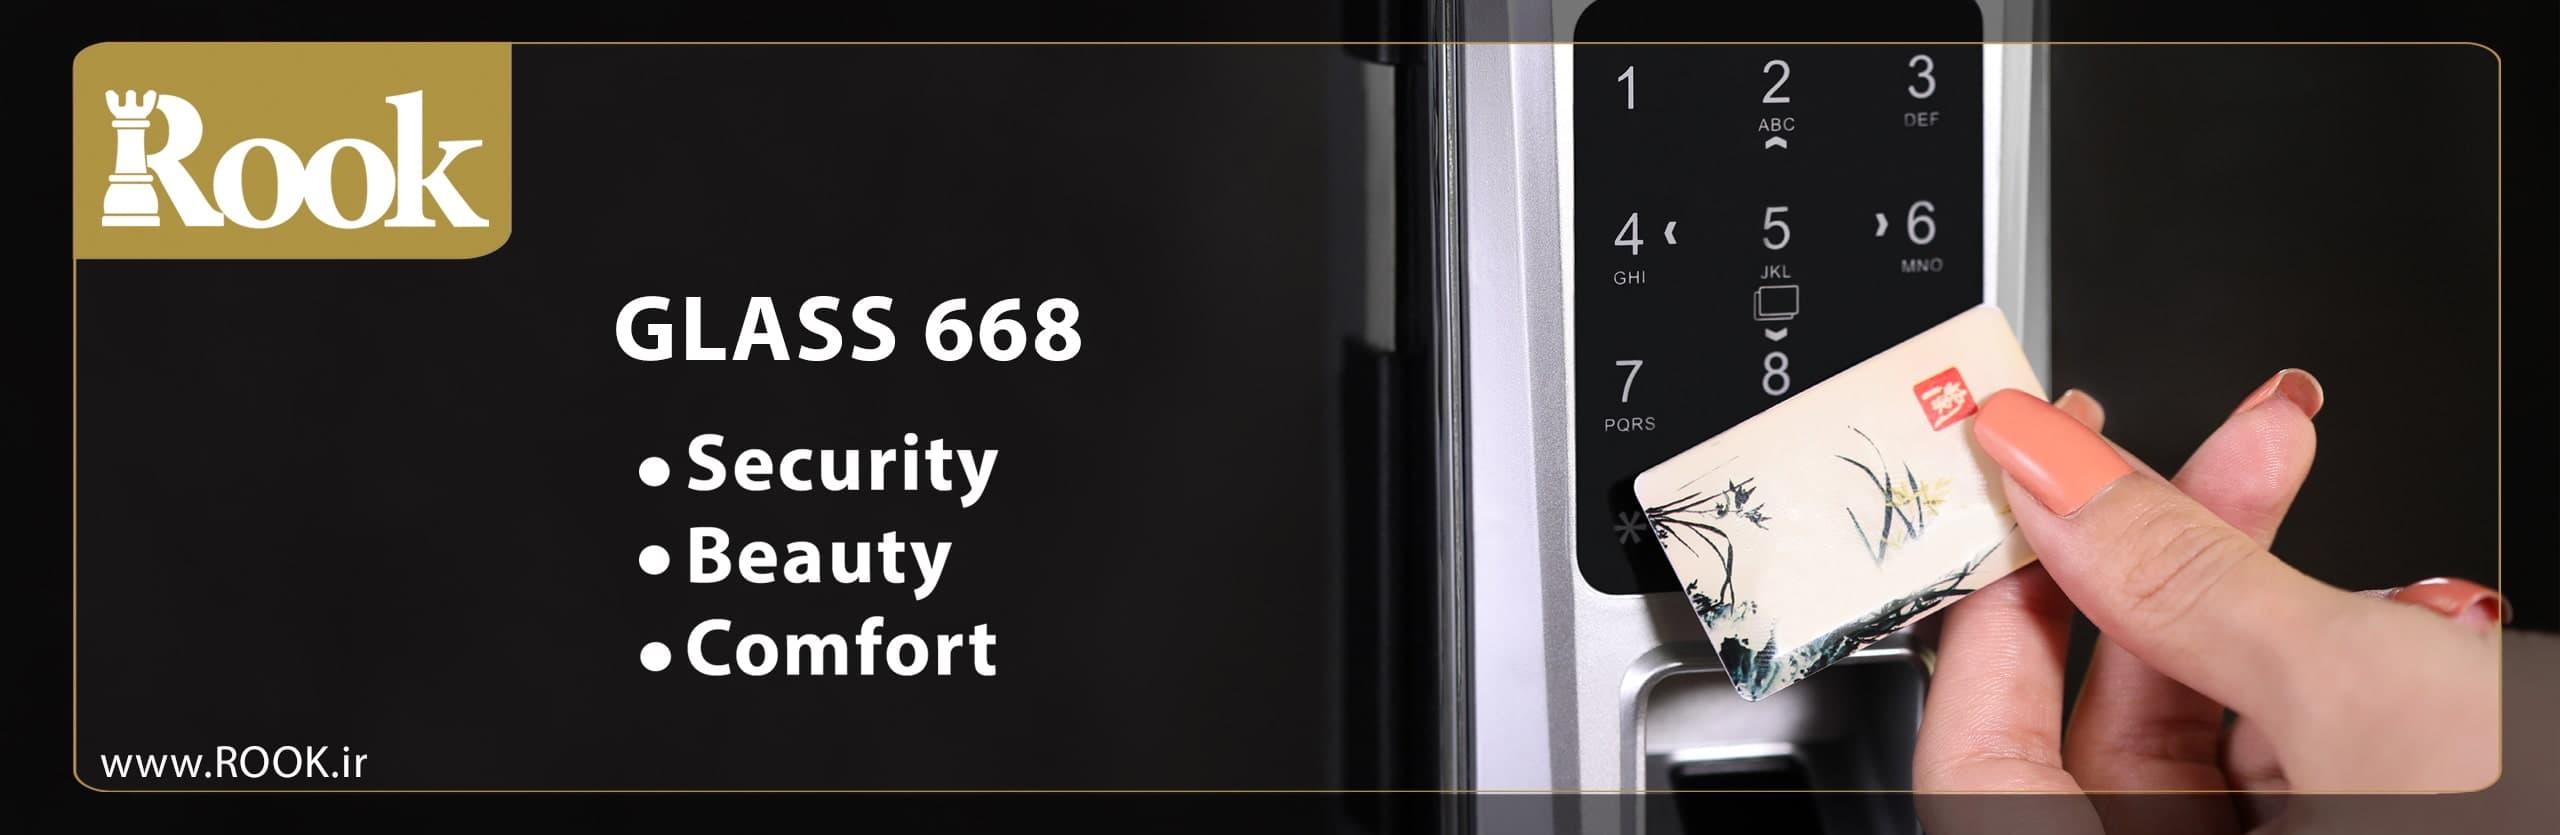 قفل-دیجیتال-روک-668